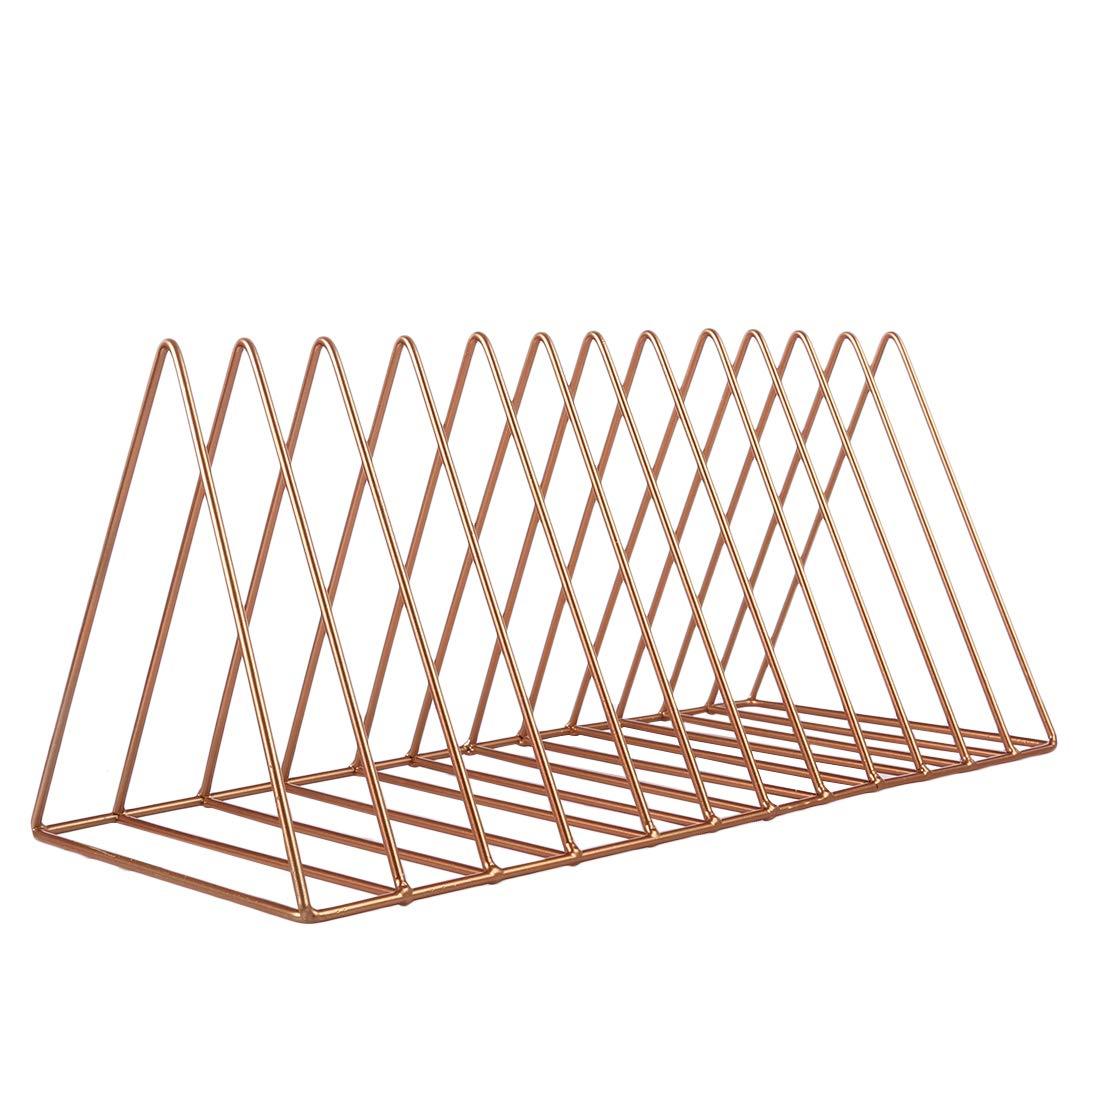 HMANE Desktop Letter Sorter,Large Triangle Book Holder Wire Metal Desktop Storage Rack Magazine Holder - (Rose Gold)